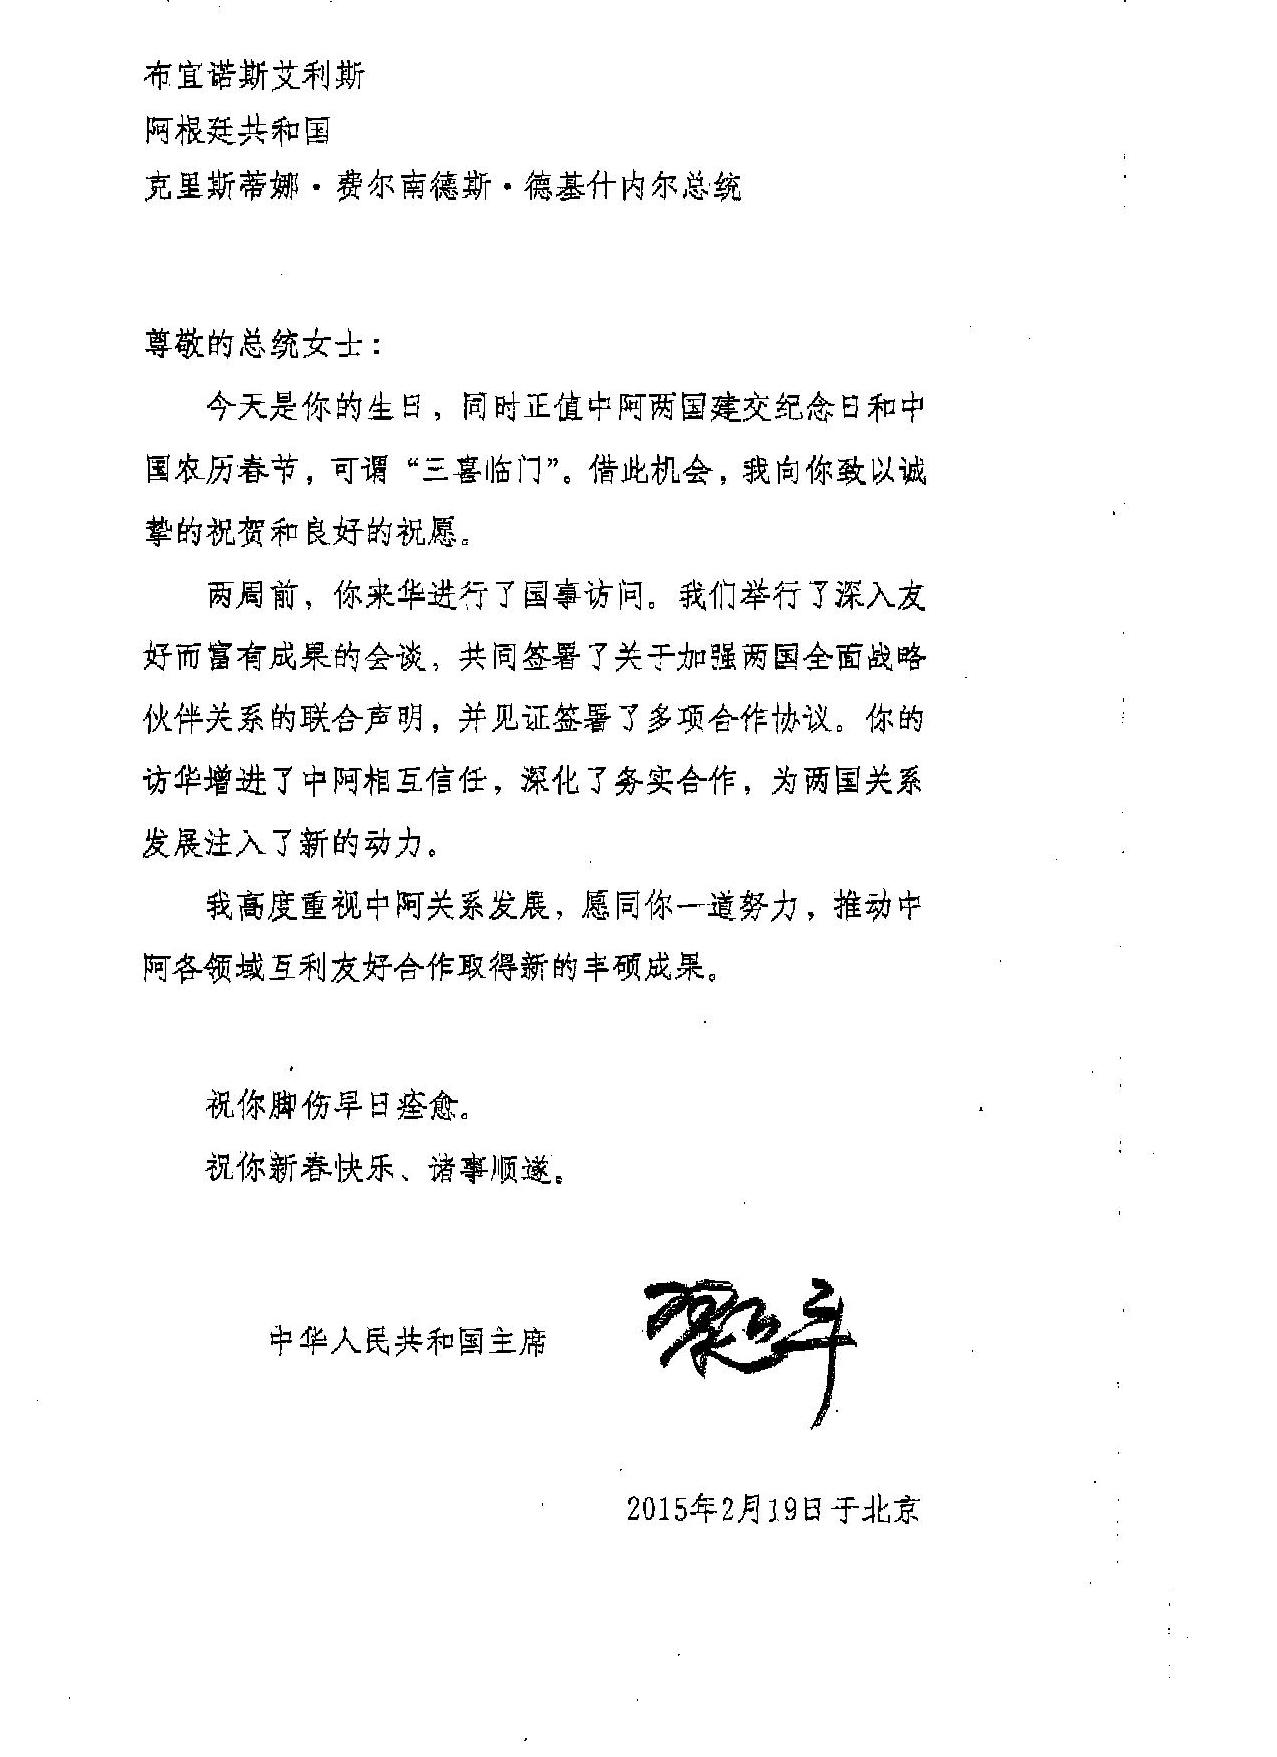 Nota-Xi-Jinping-en-chino-full